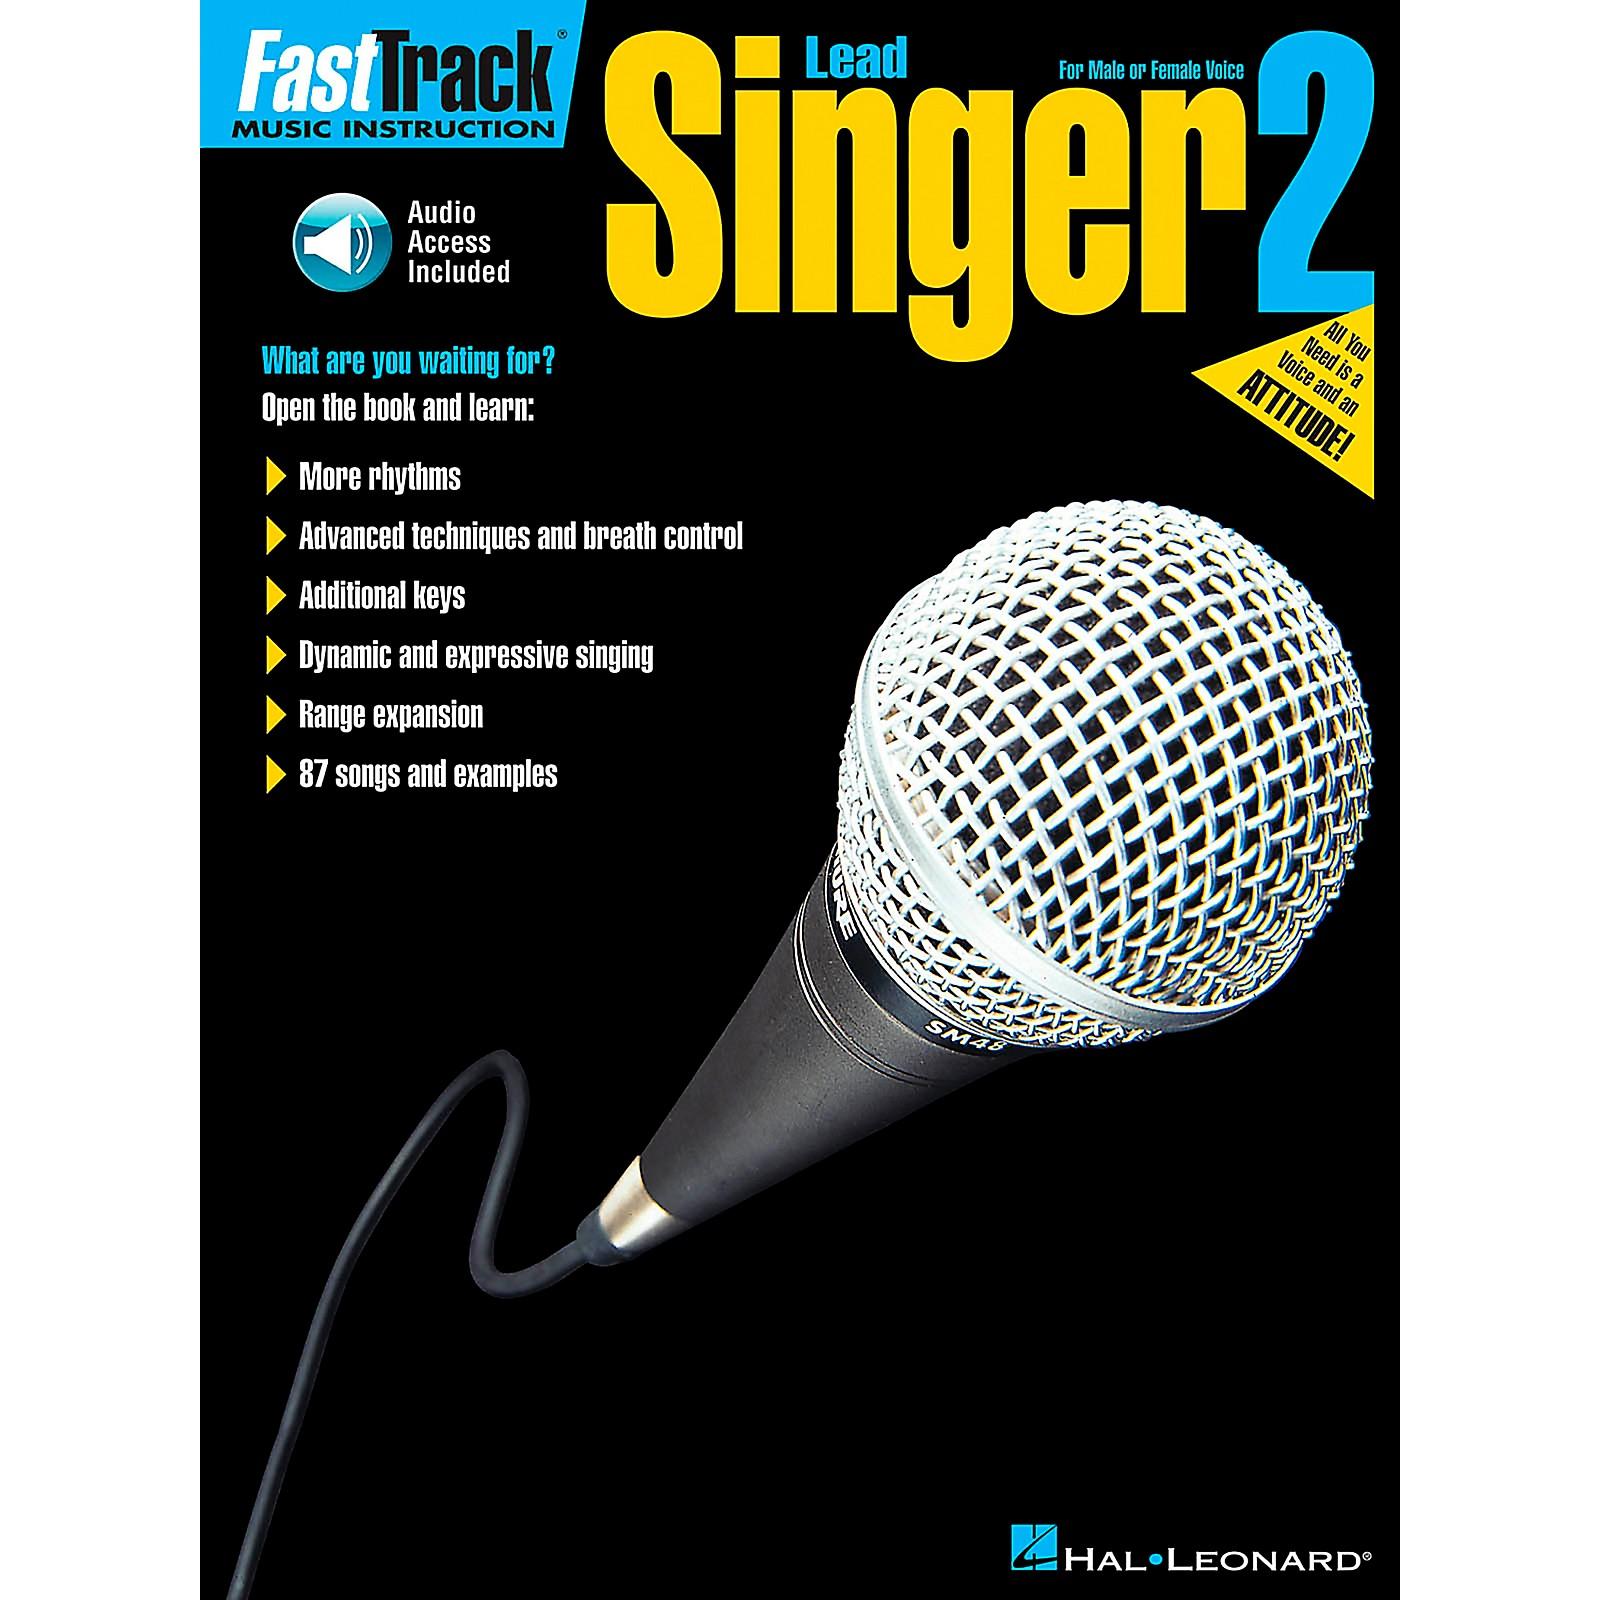 Hal Leonard FastTrack Lead Singer Method Book 2 Book/CD